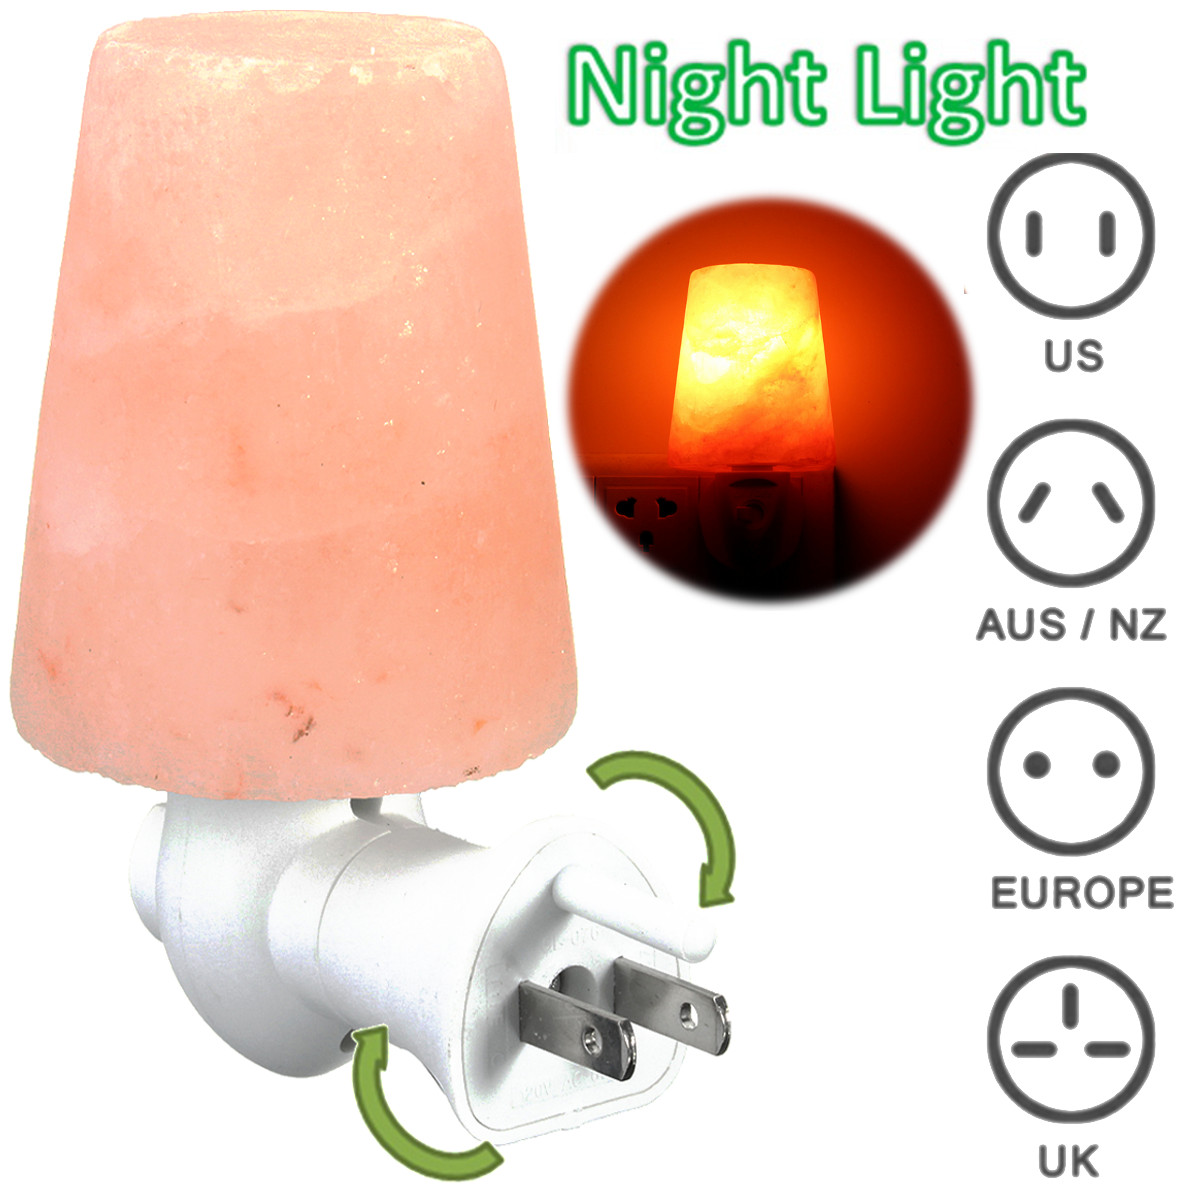 Mini Himalayan Salt Crystal Wall Night Light Warm Lamp Fixtures Bedside Deep Sleep Bedroom Wedding Home Decoration Gift